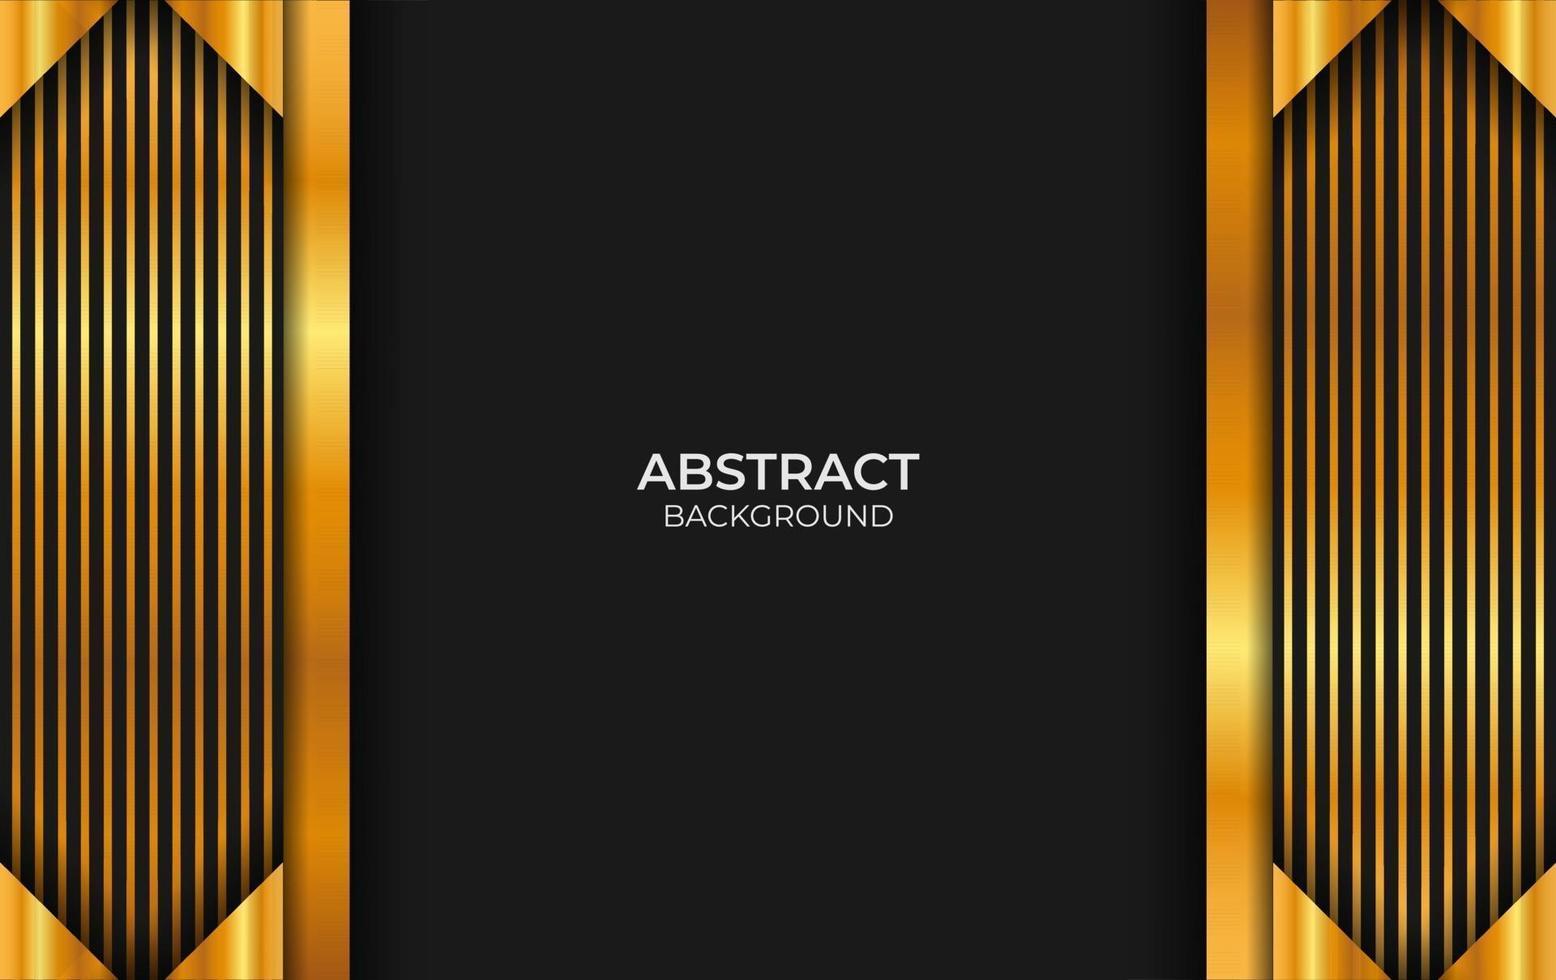 style de fond abstrait noir et or vecteur